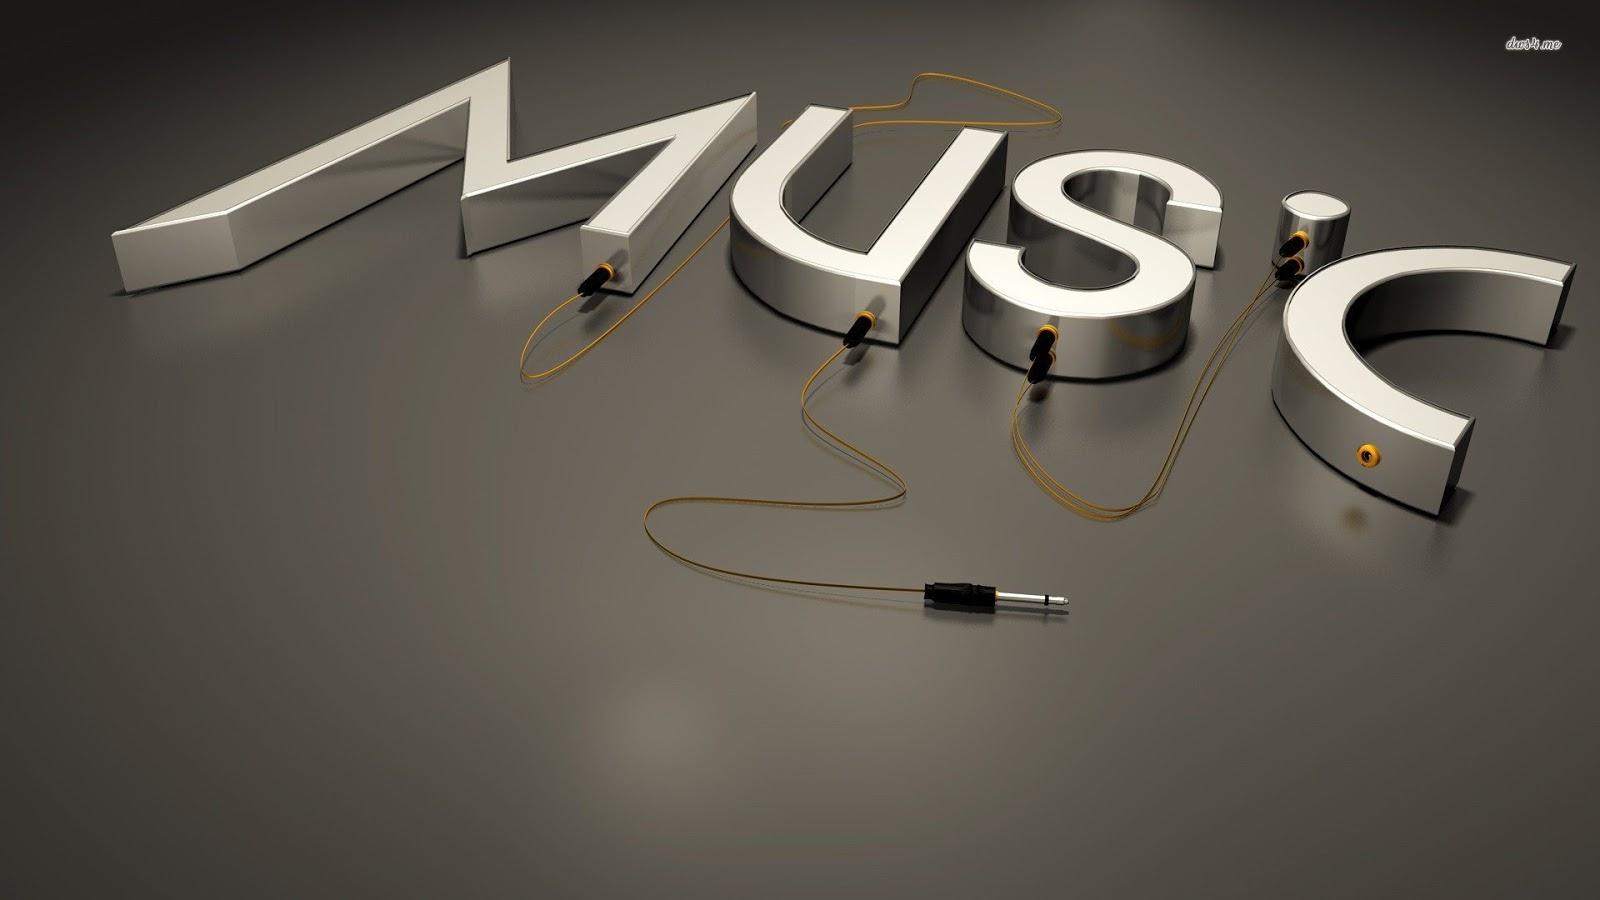 Khi lắng nghe một thể loại âm nhạc mà bạn yêu thích, bộ não của chúng ta  thường tự điều chỉnh cơ thể theo giai điệu mà chúng ta nghe.